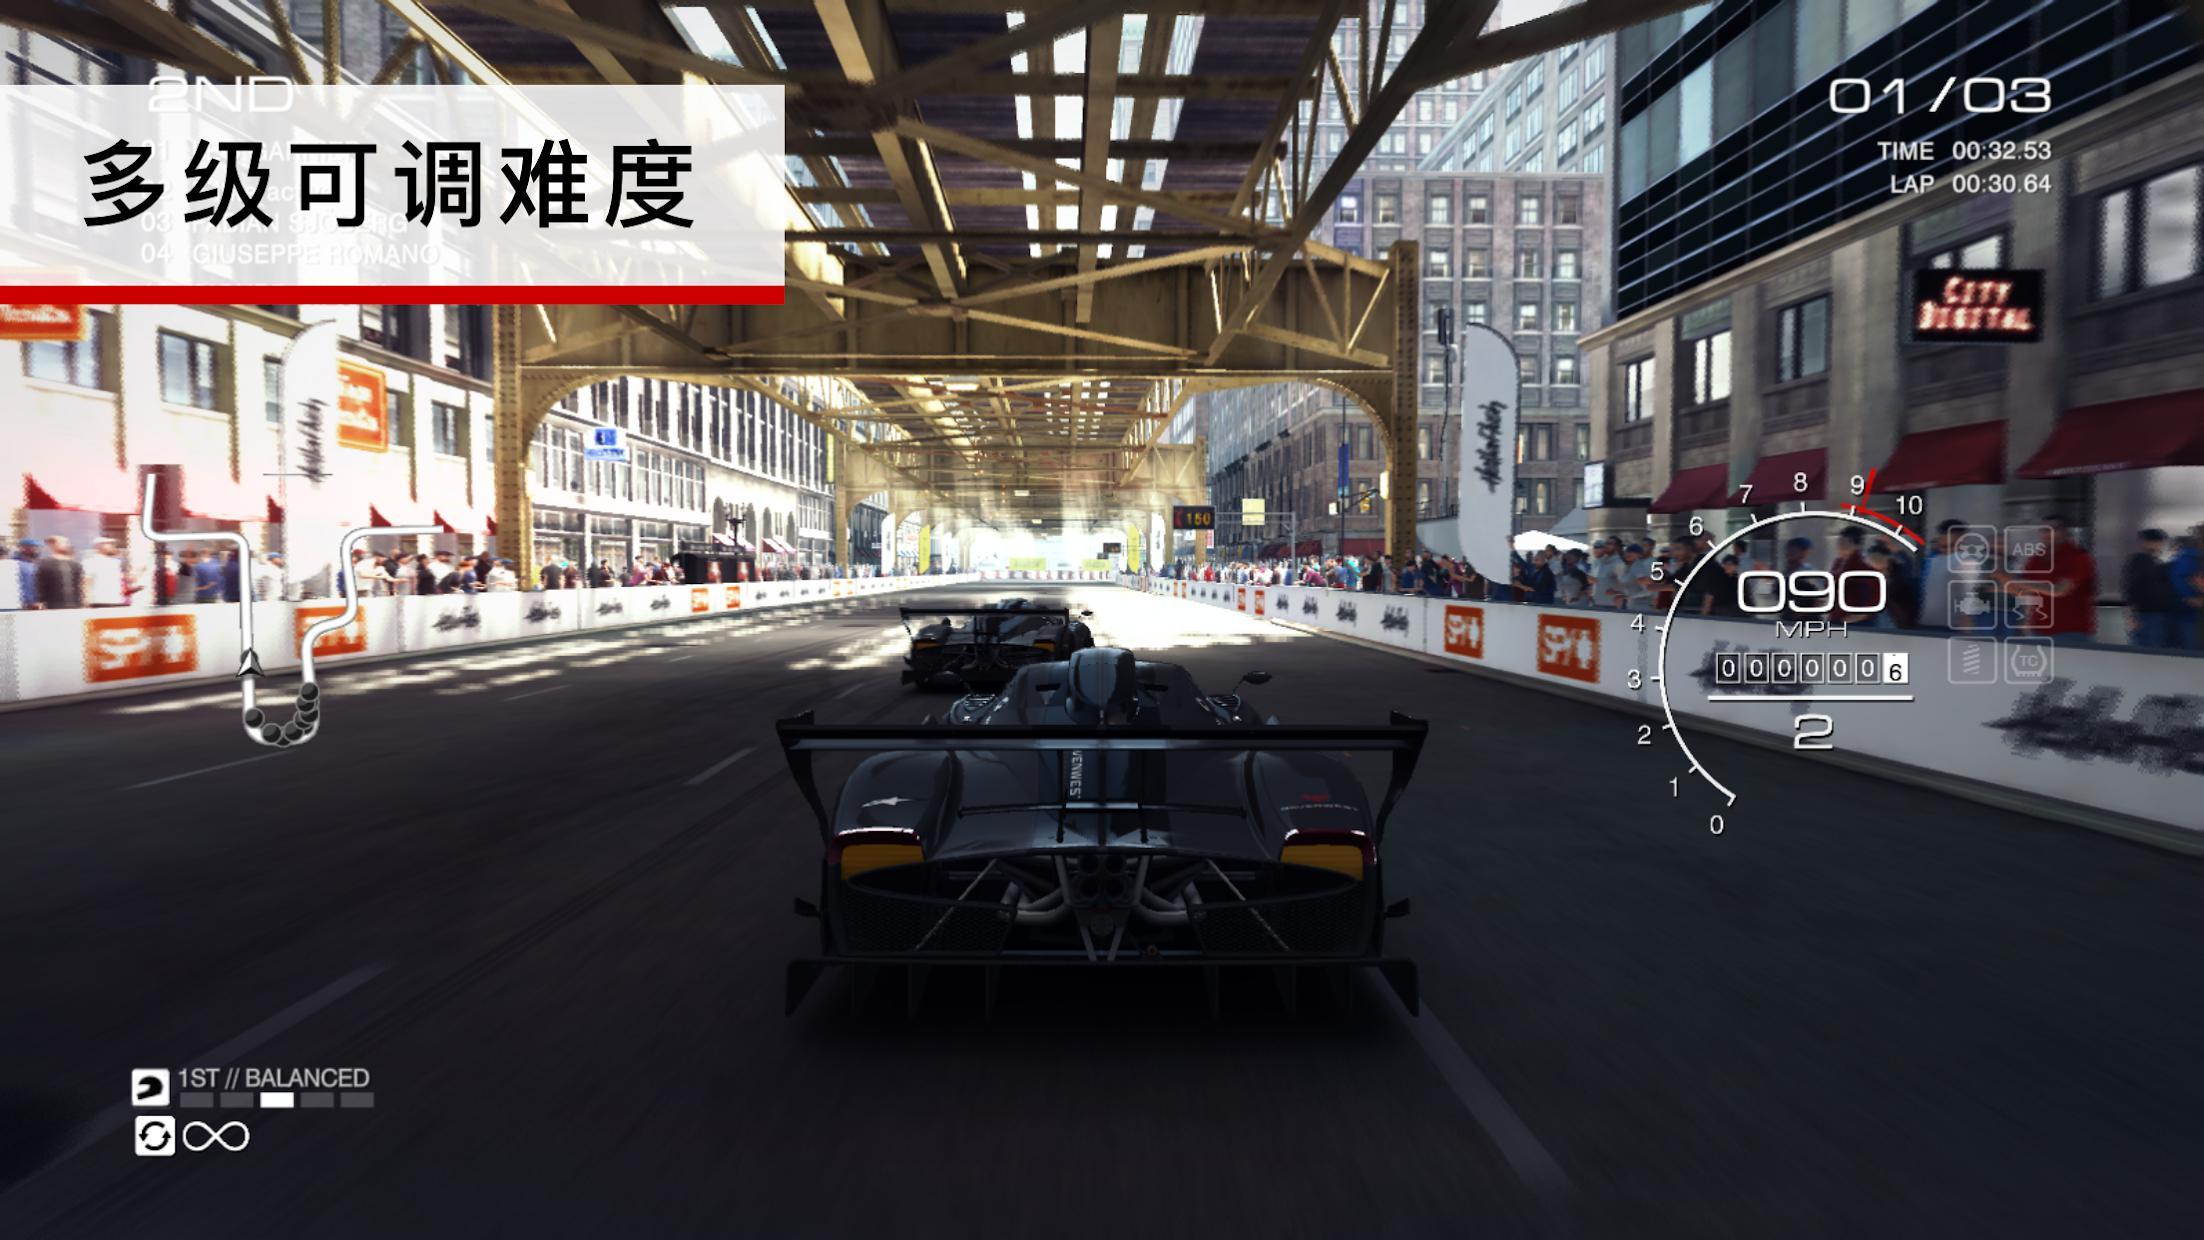 超级房车赛:汽车运动(GRID) 游戏截图5